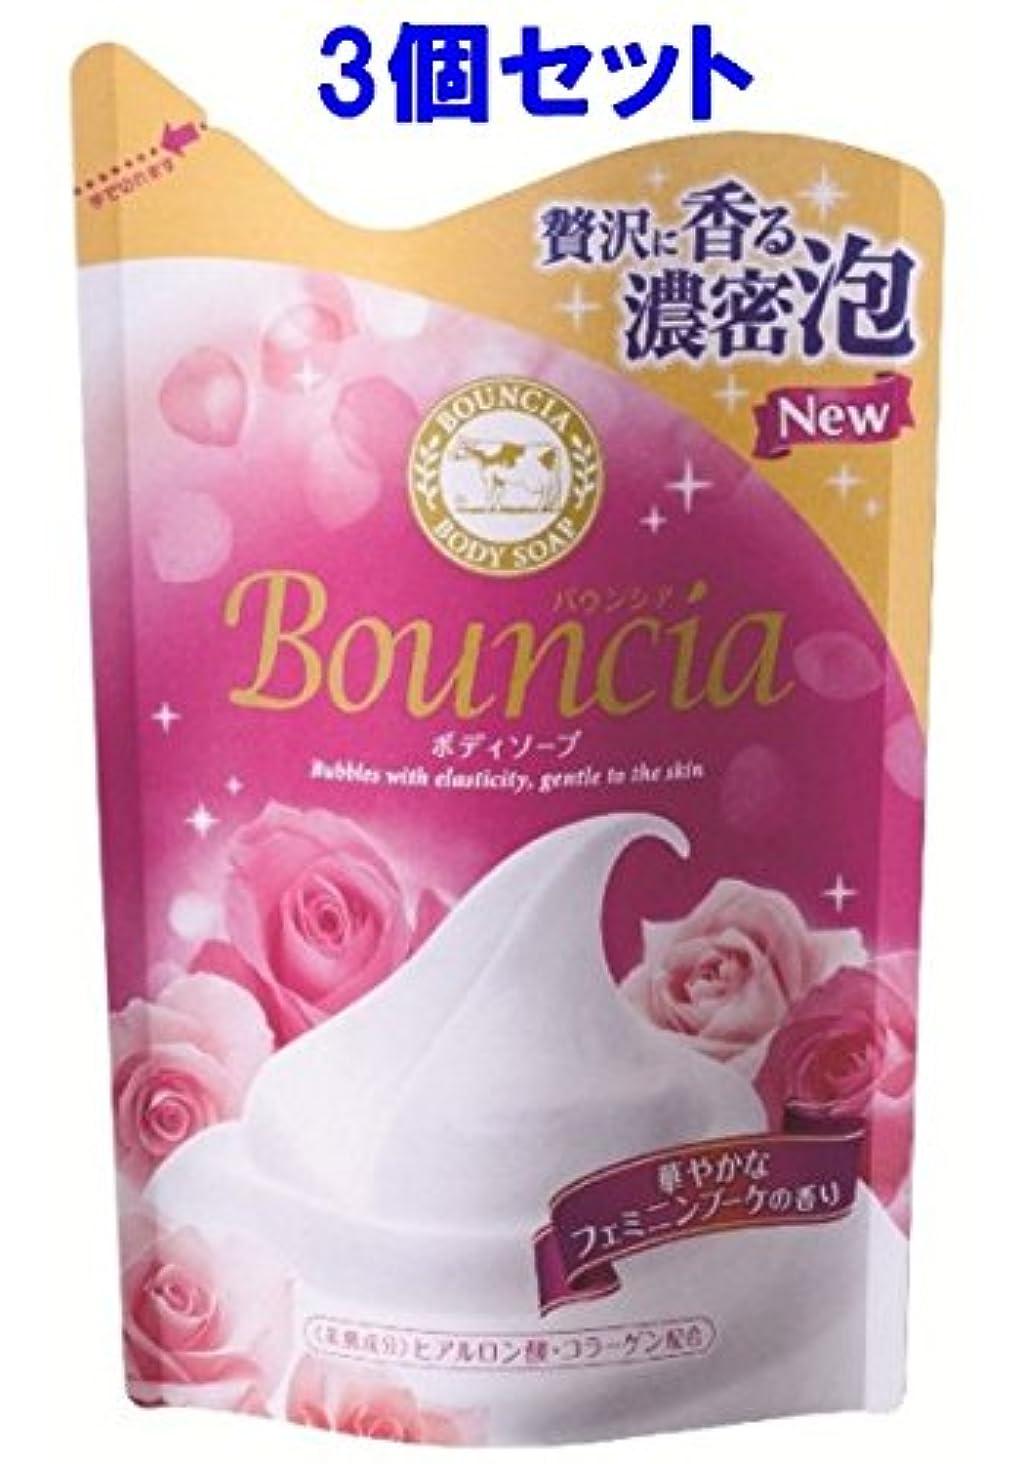 インタフェース夏幹【3個セット】 バウンシアボディソープ フェミニンブーケの香り 詰替用 430mL